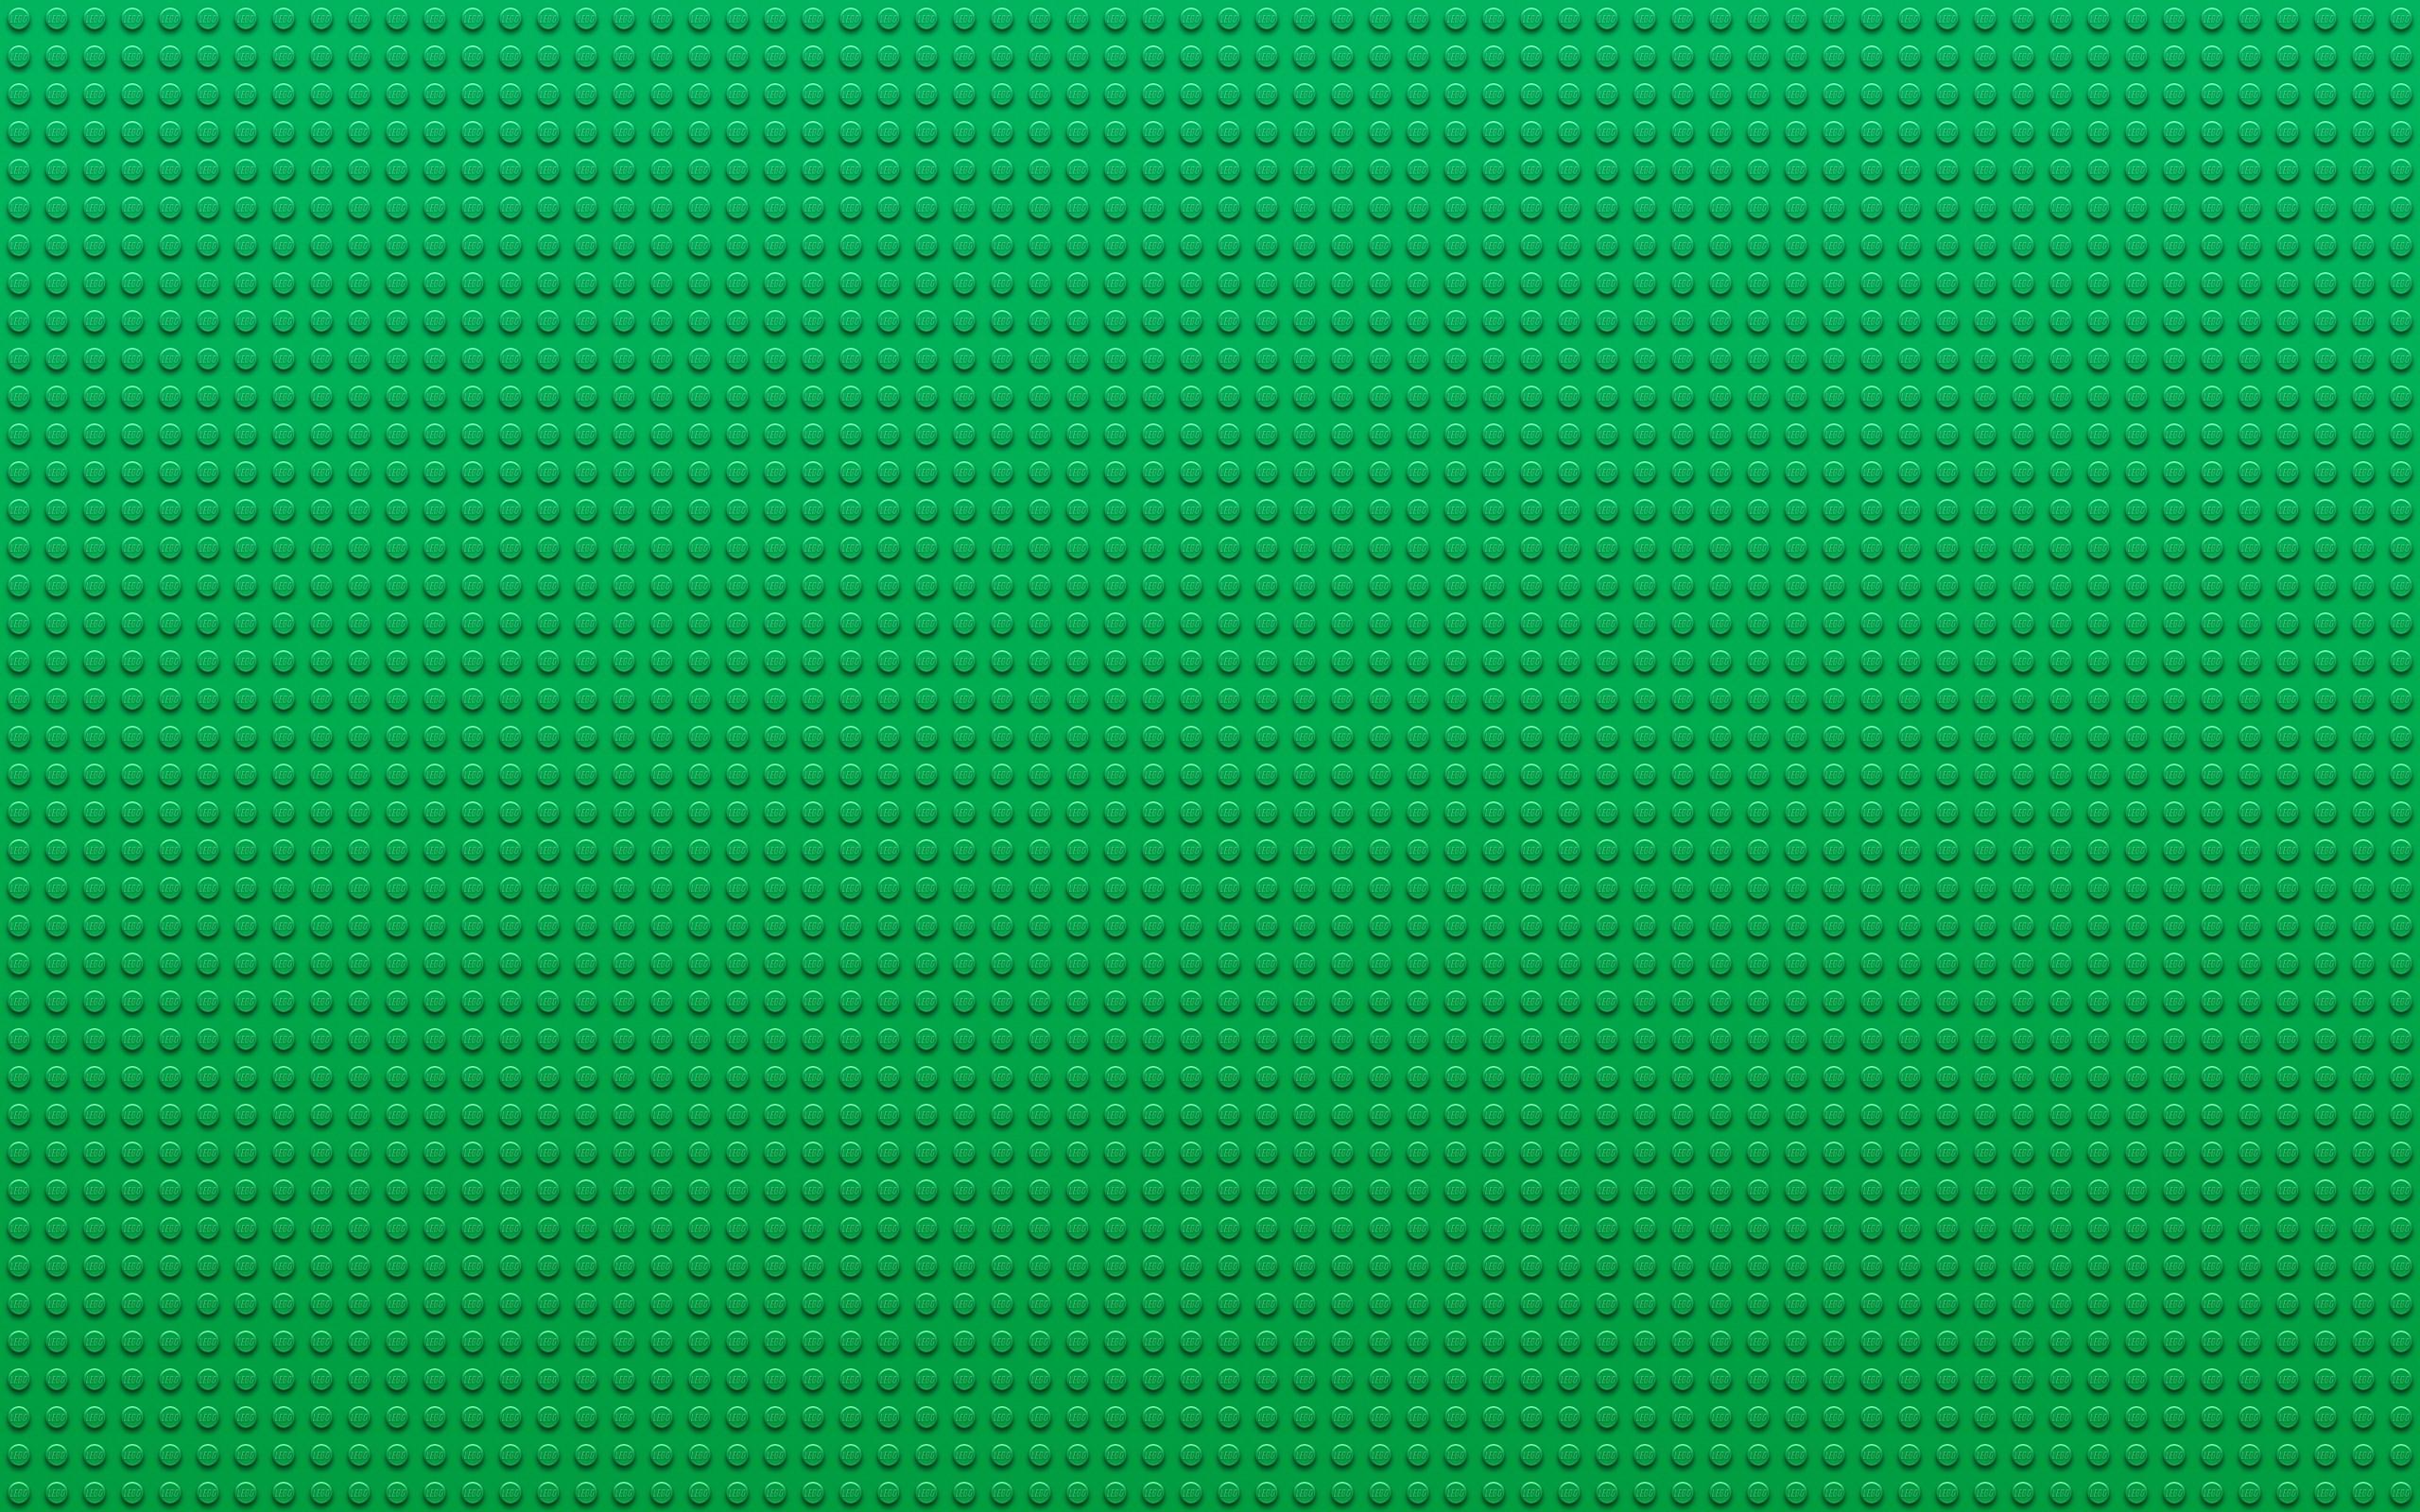 Zelda Hd Wallpaper 25 Excellent Hd Lego Wallpapers